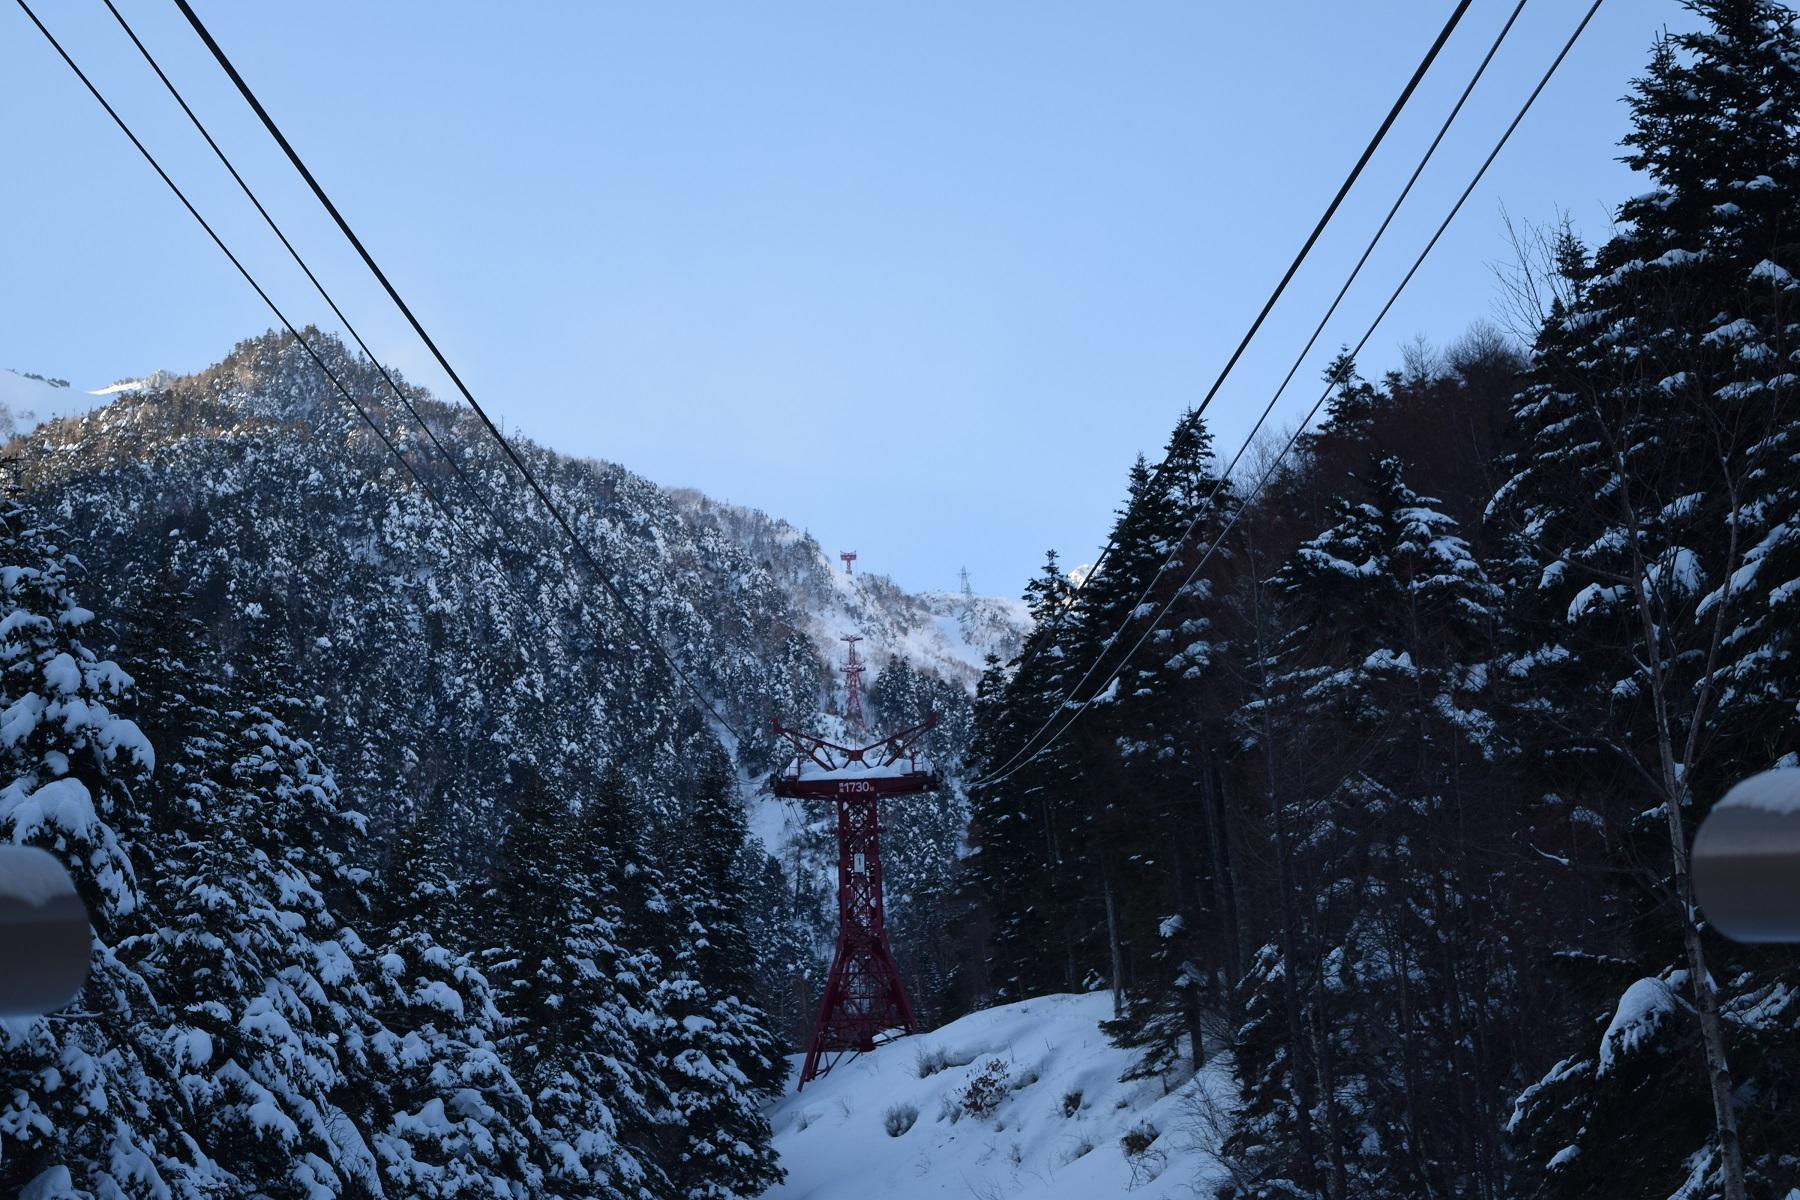 中央アルプス駒ヶ岳ロープウェイ運休のお知らせ